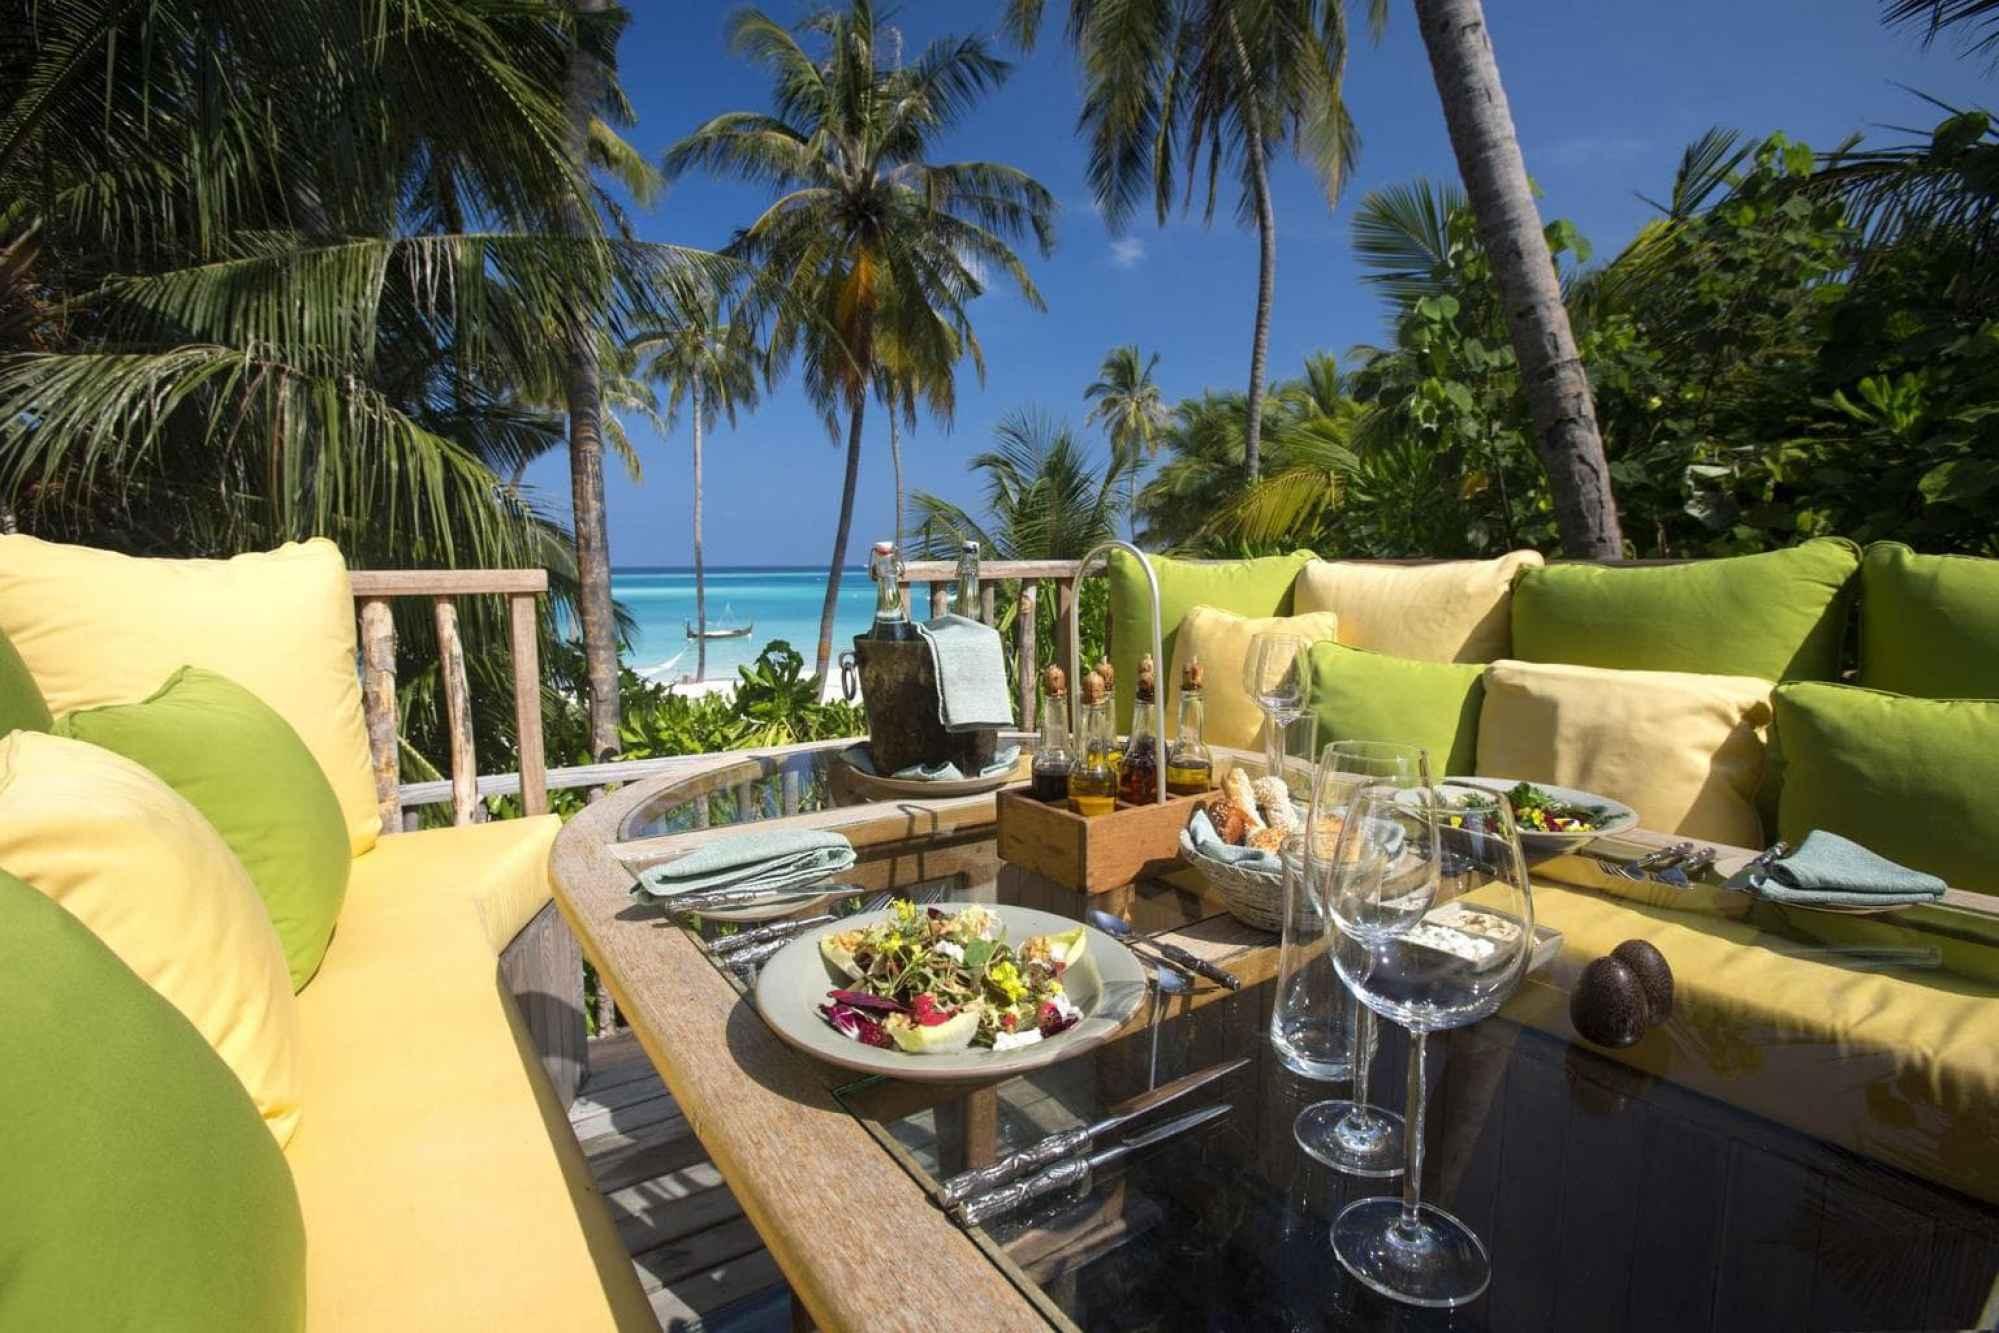 360 Table at Gili Lankanfushi - Courtesy of Gili Lankanfushi